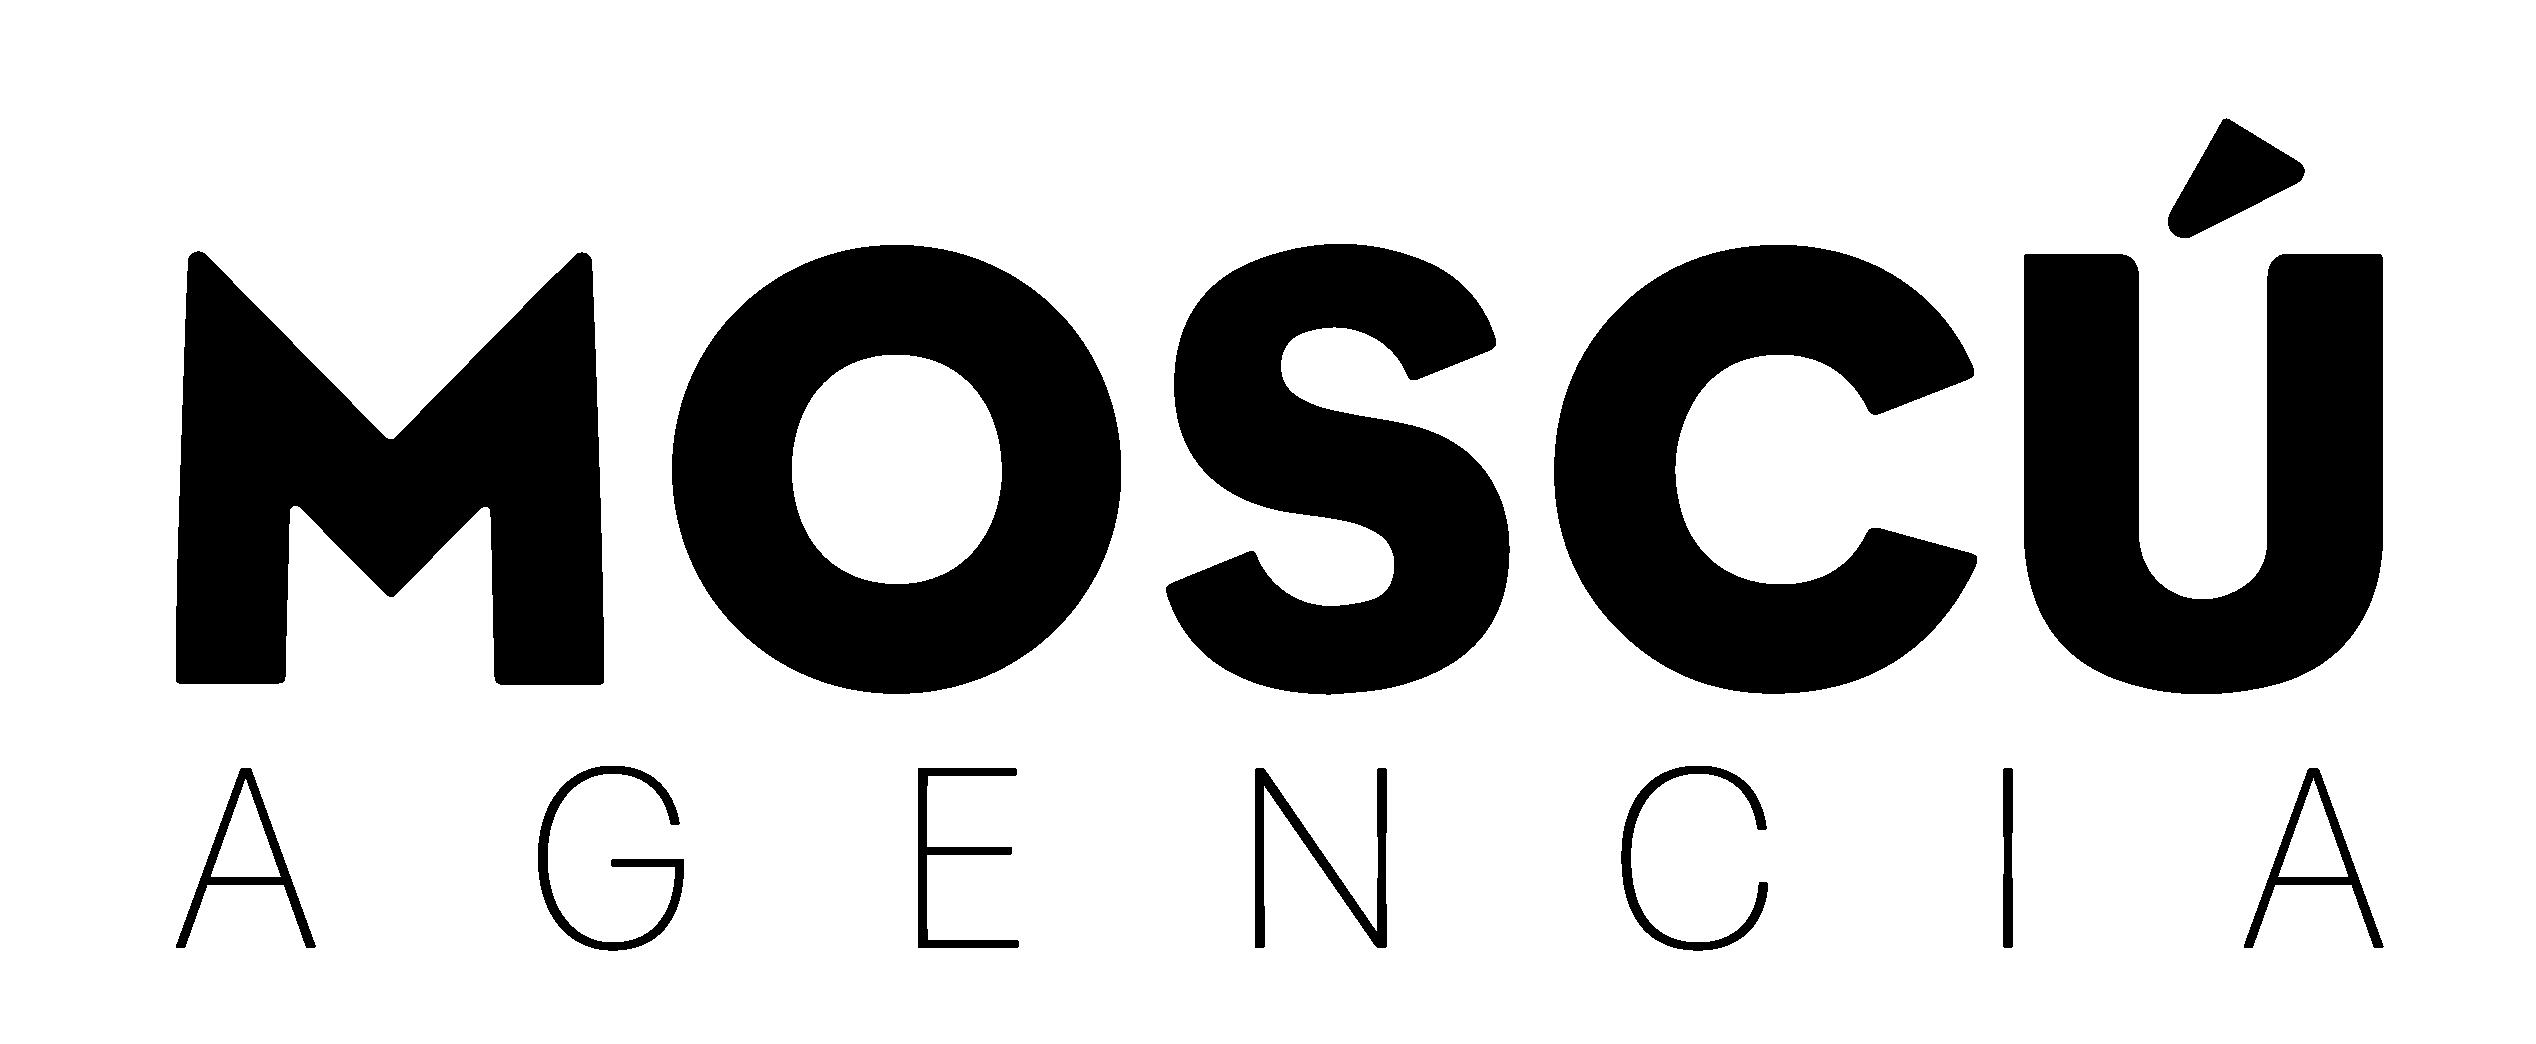 Moscu Agencia